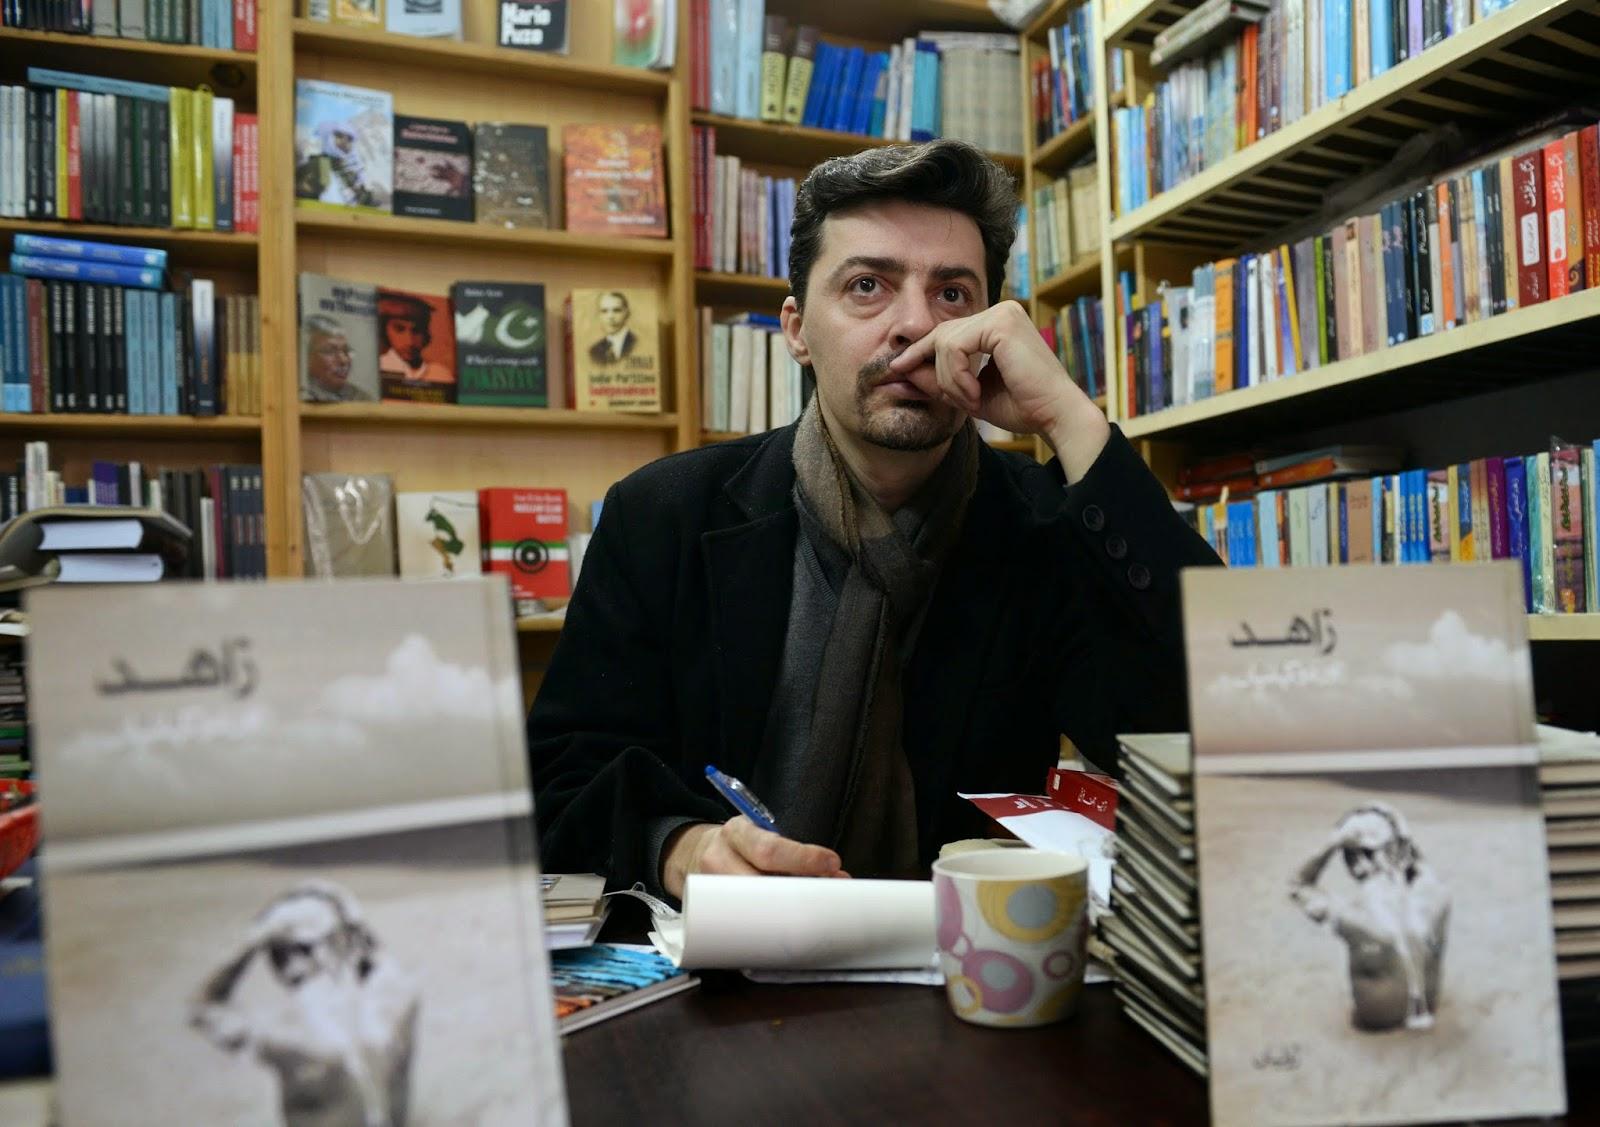 Education, France, French author, Julien Columeau, Literature, Pakistan, Urdu literature, Urdu Novelist, Urdu Poet, Writers, Lahore,